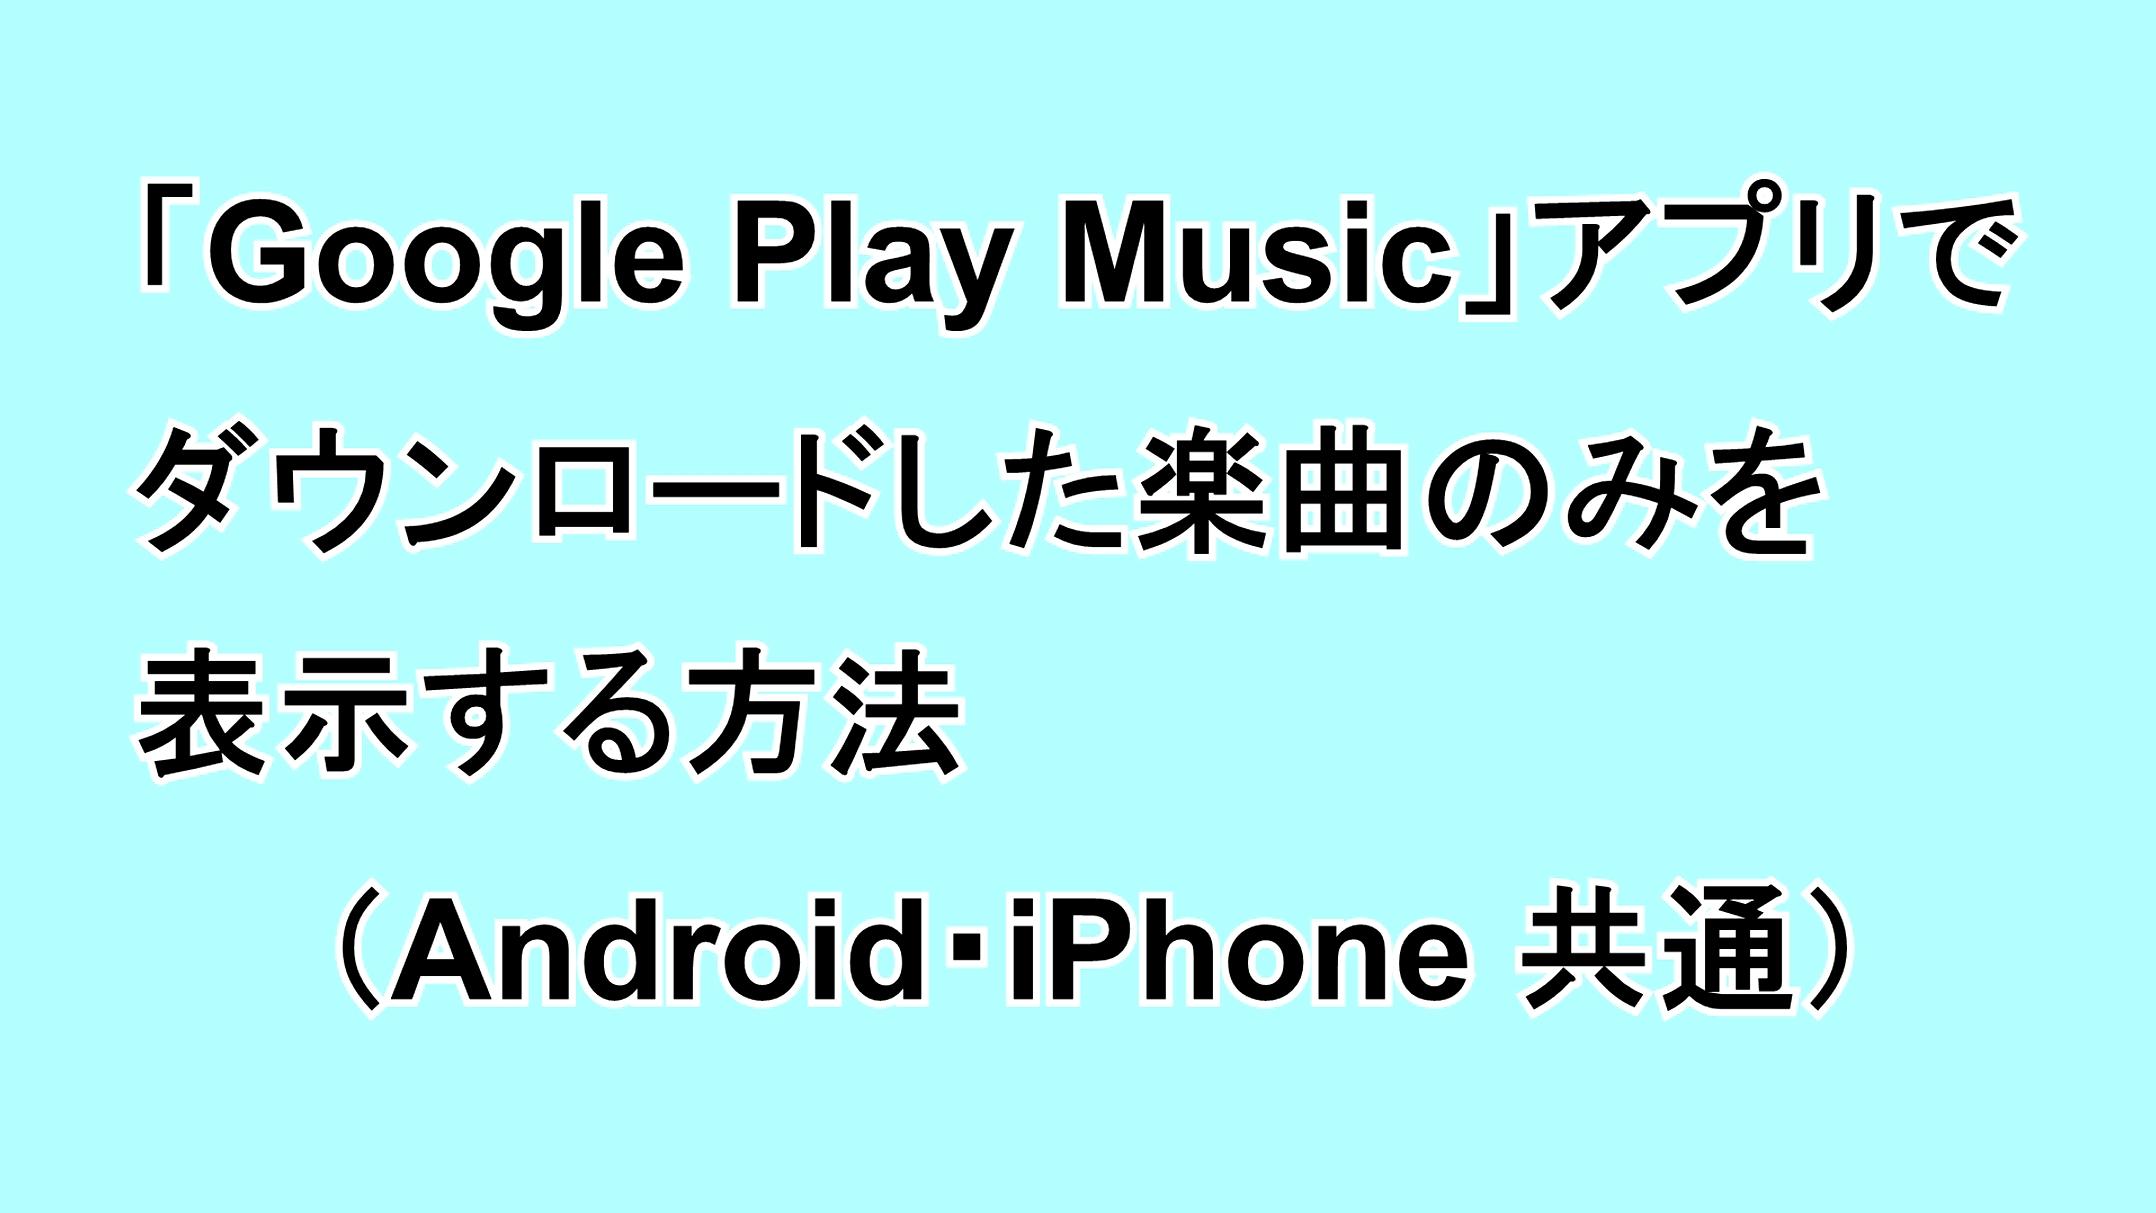 「Google Play Music」アプリでダウンロードした楽曲のみを表示する方法(Android・iPhone共通)